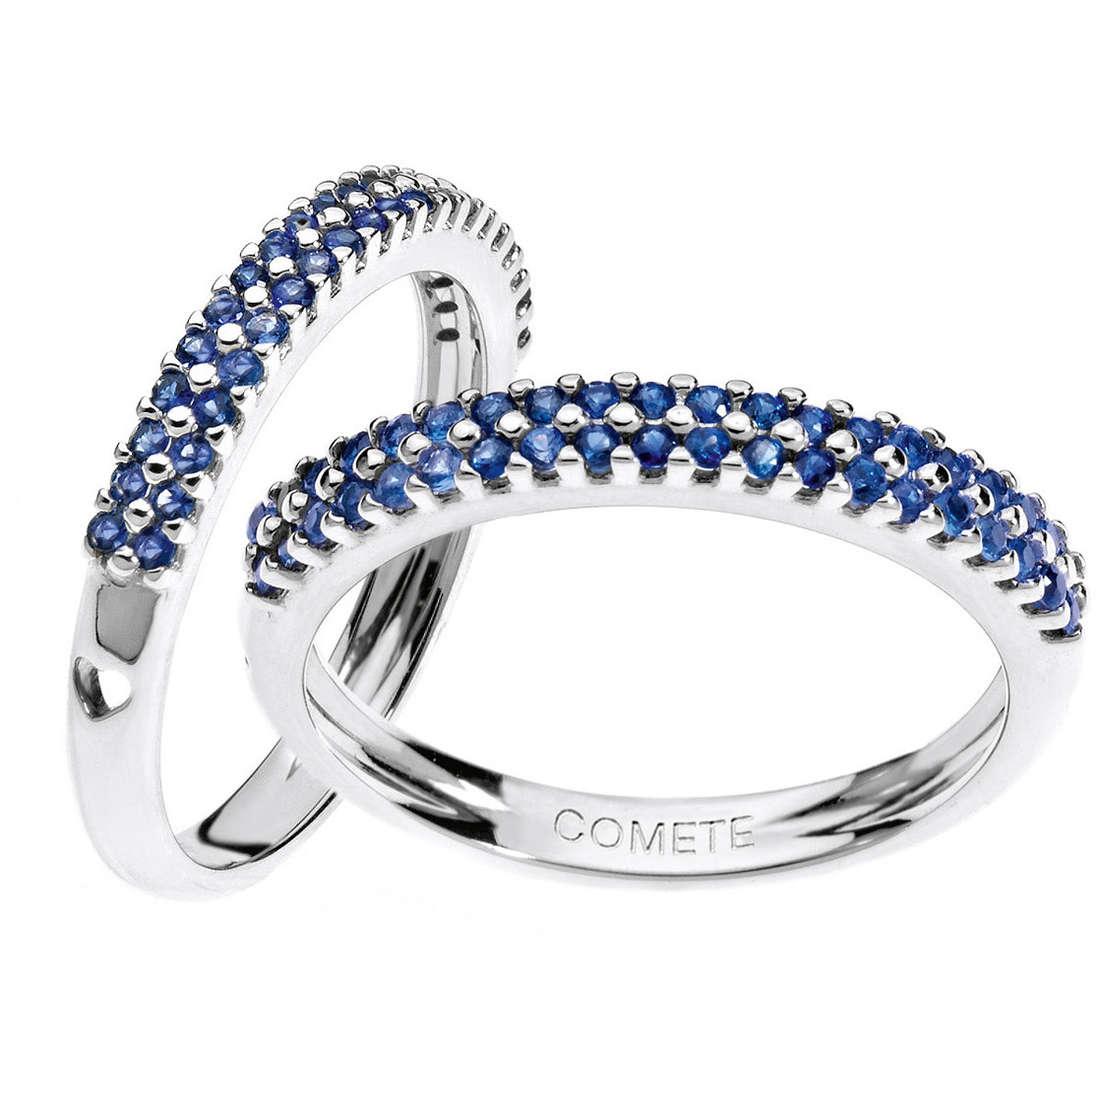 anello donna gioielli Comete Pietre preziose colorate ANB 1511